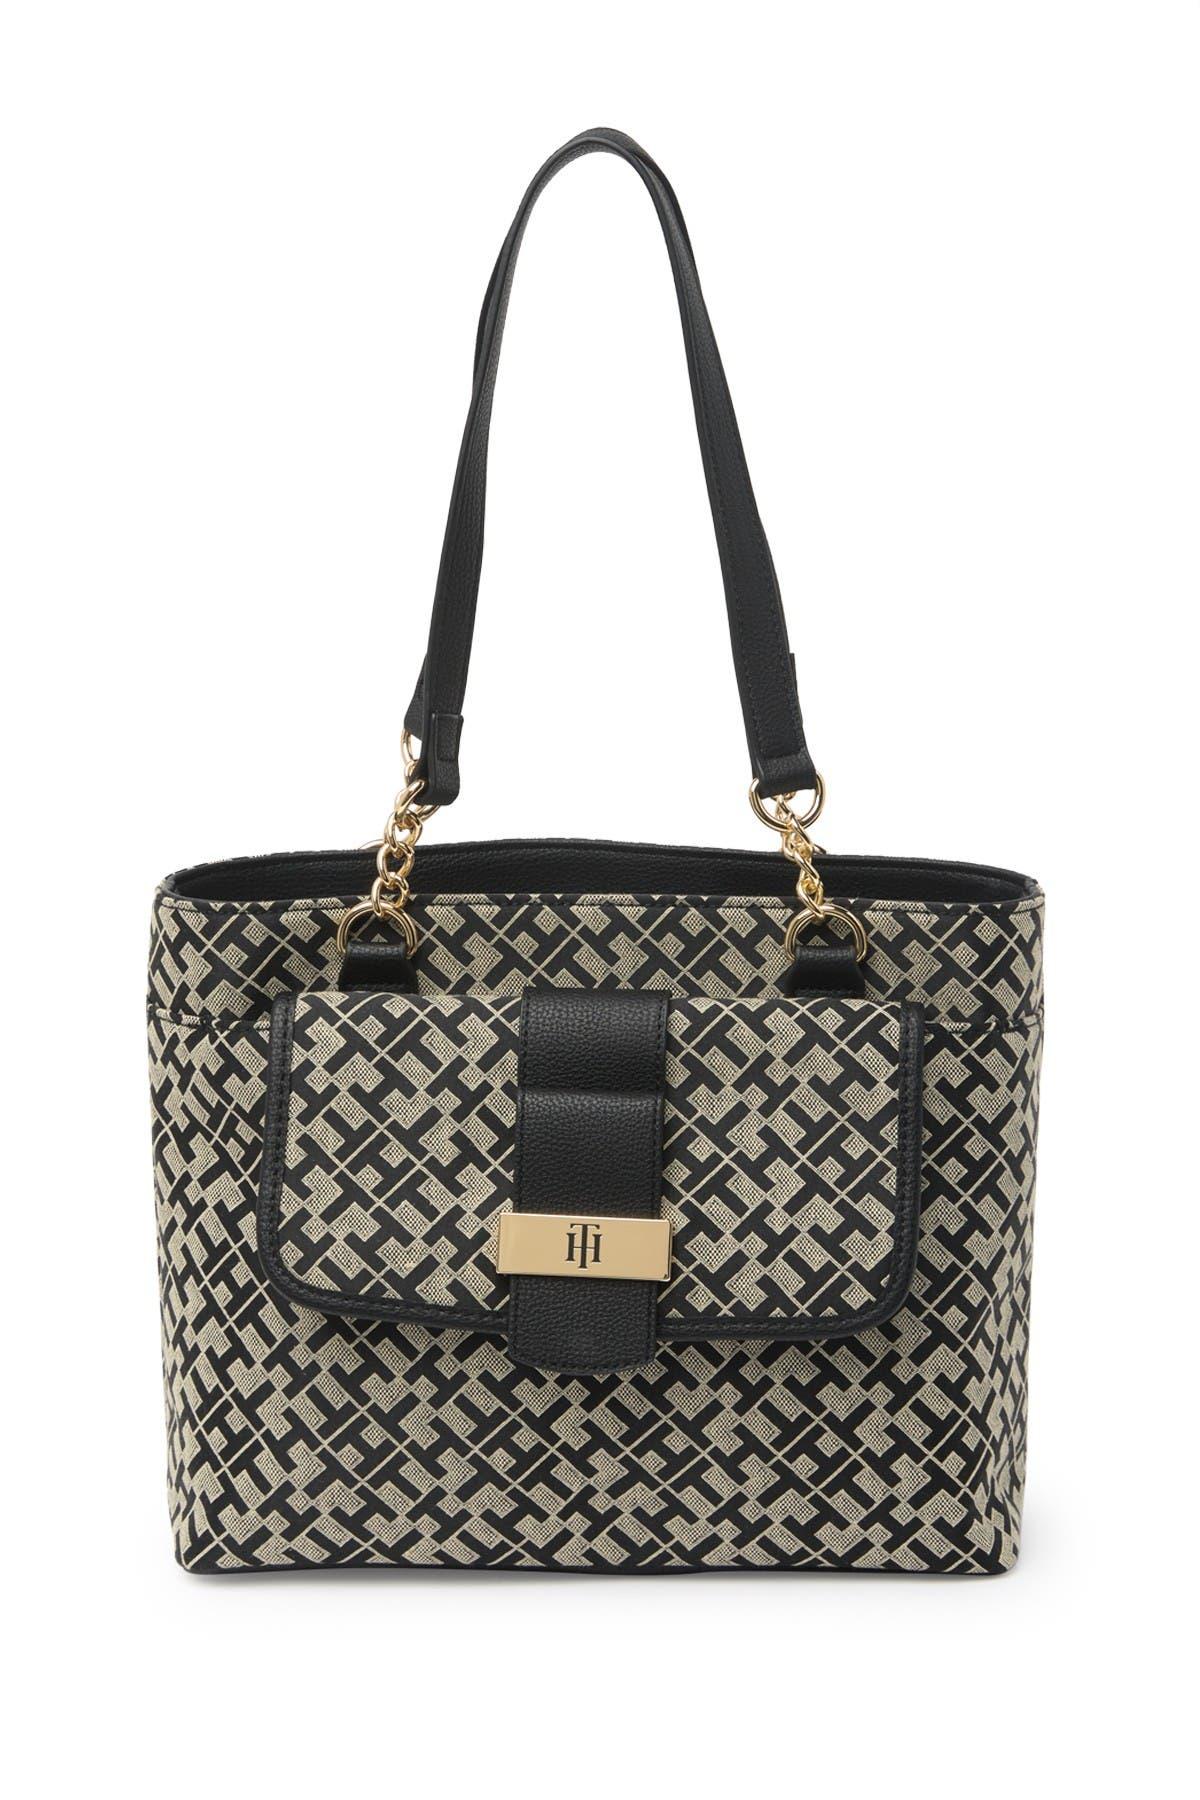 Image of Tommy Hilfiger Stephanie II Geom Shopper Bag